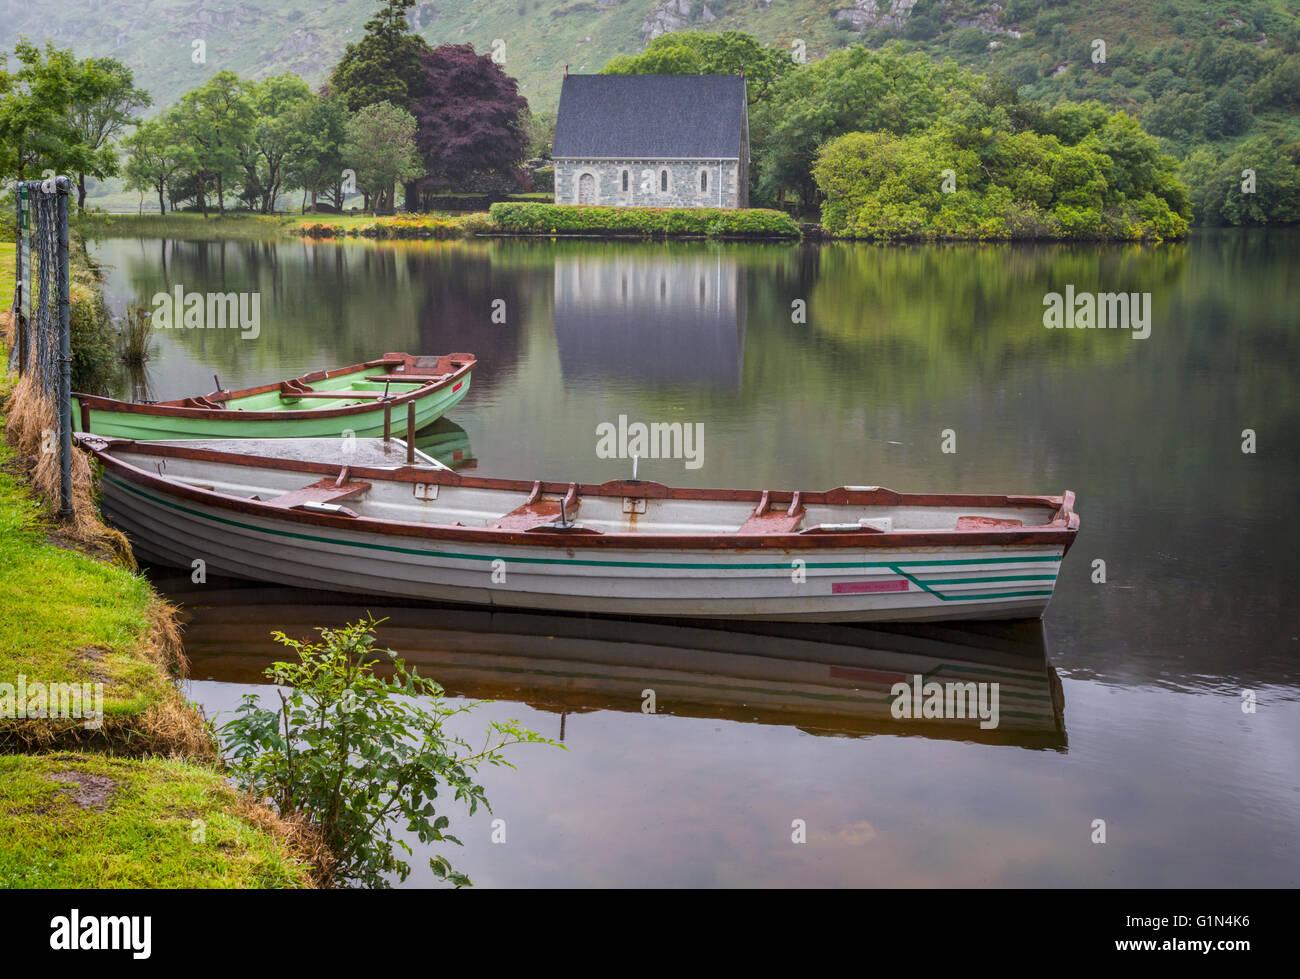 Gougane Barra, County Cork, Repubblica di Irlanda. Eire. Guardando attraverso le barche a remi ormeggiate in riva Immagini Stock